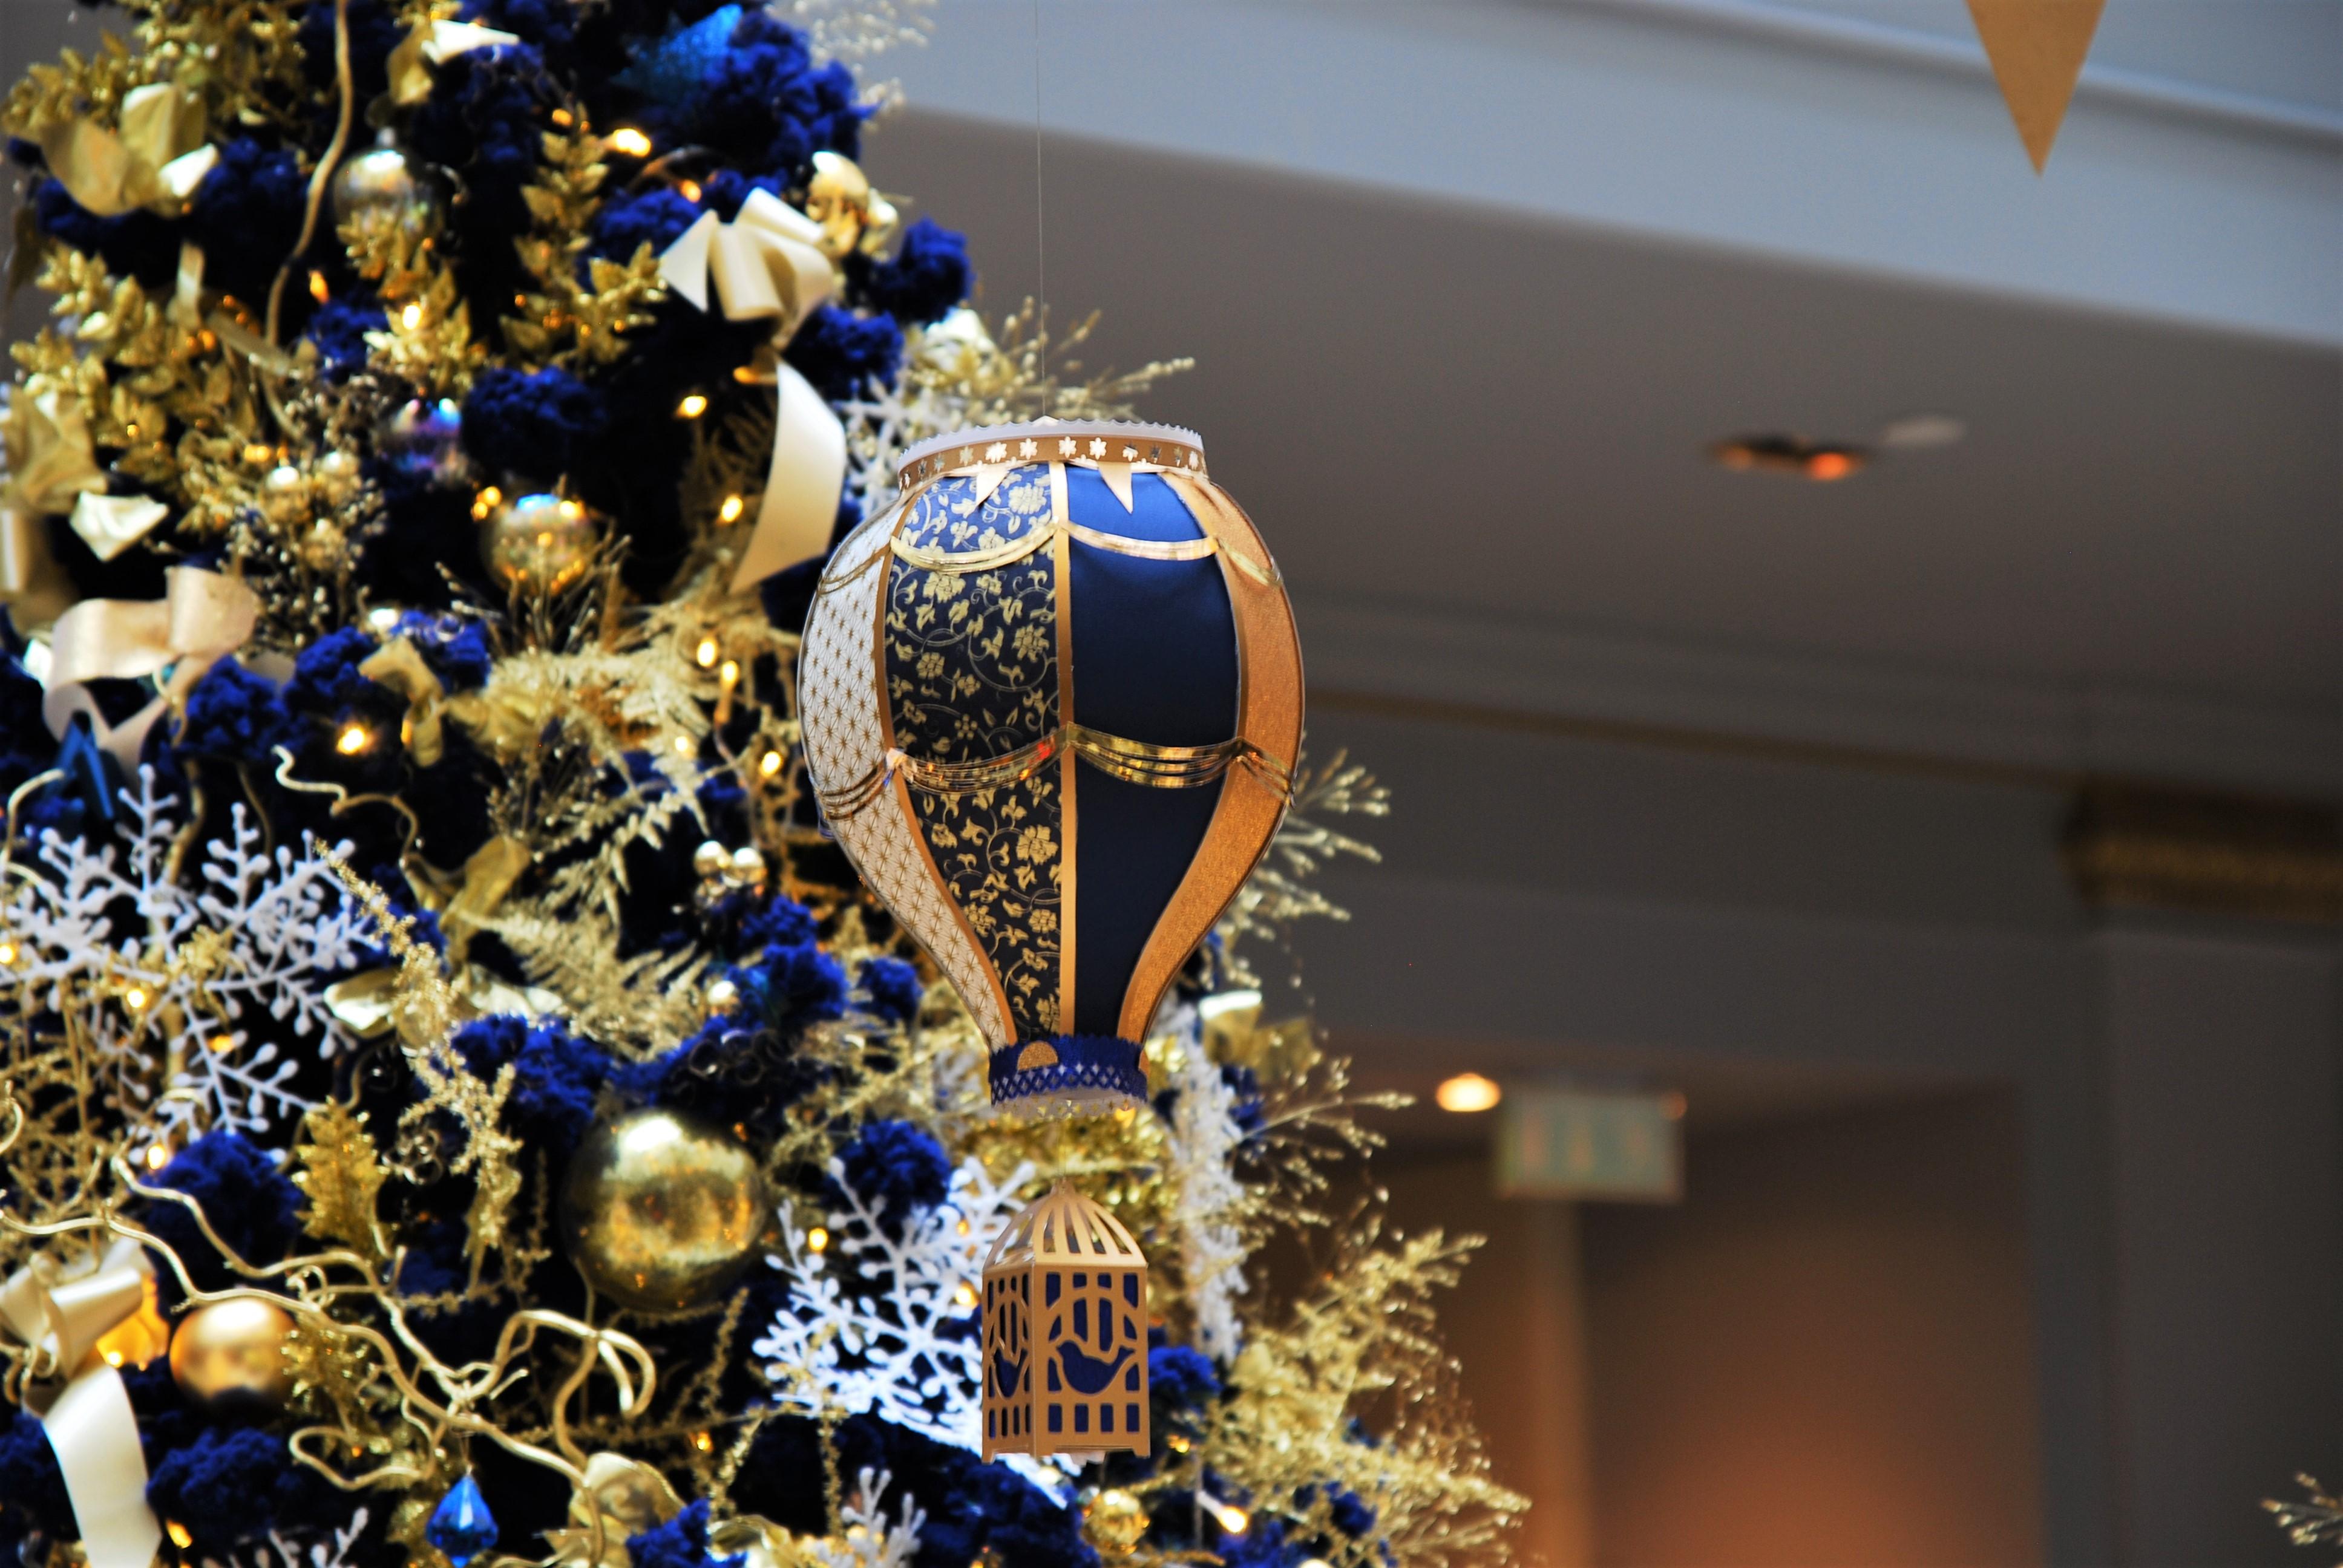 scenographie-bleu-or-installation-aerienne-montgolfiere-paper-art-creation-pour-hotel-sofitel-paris-le-faubourg-noel-2018-Laure-Devenelle